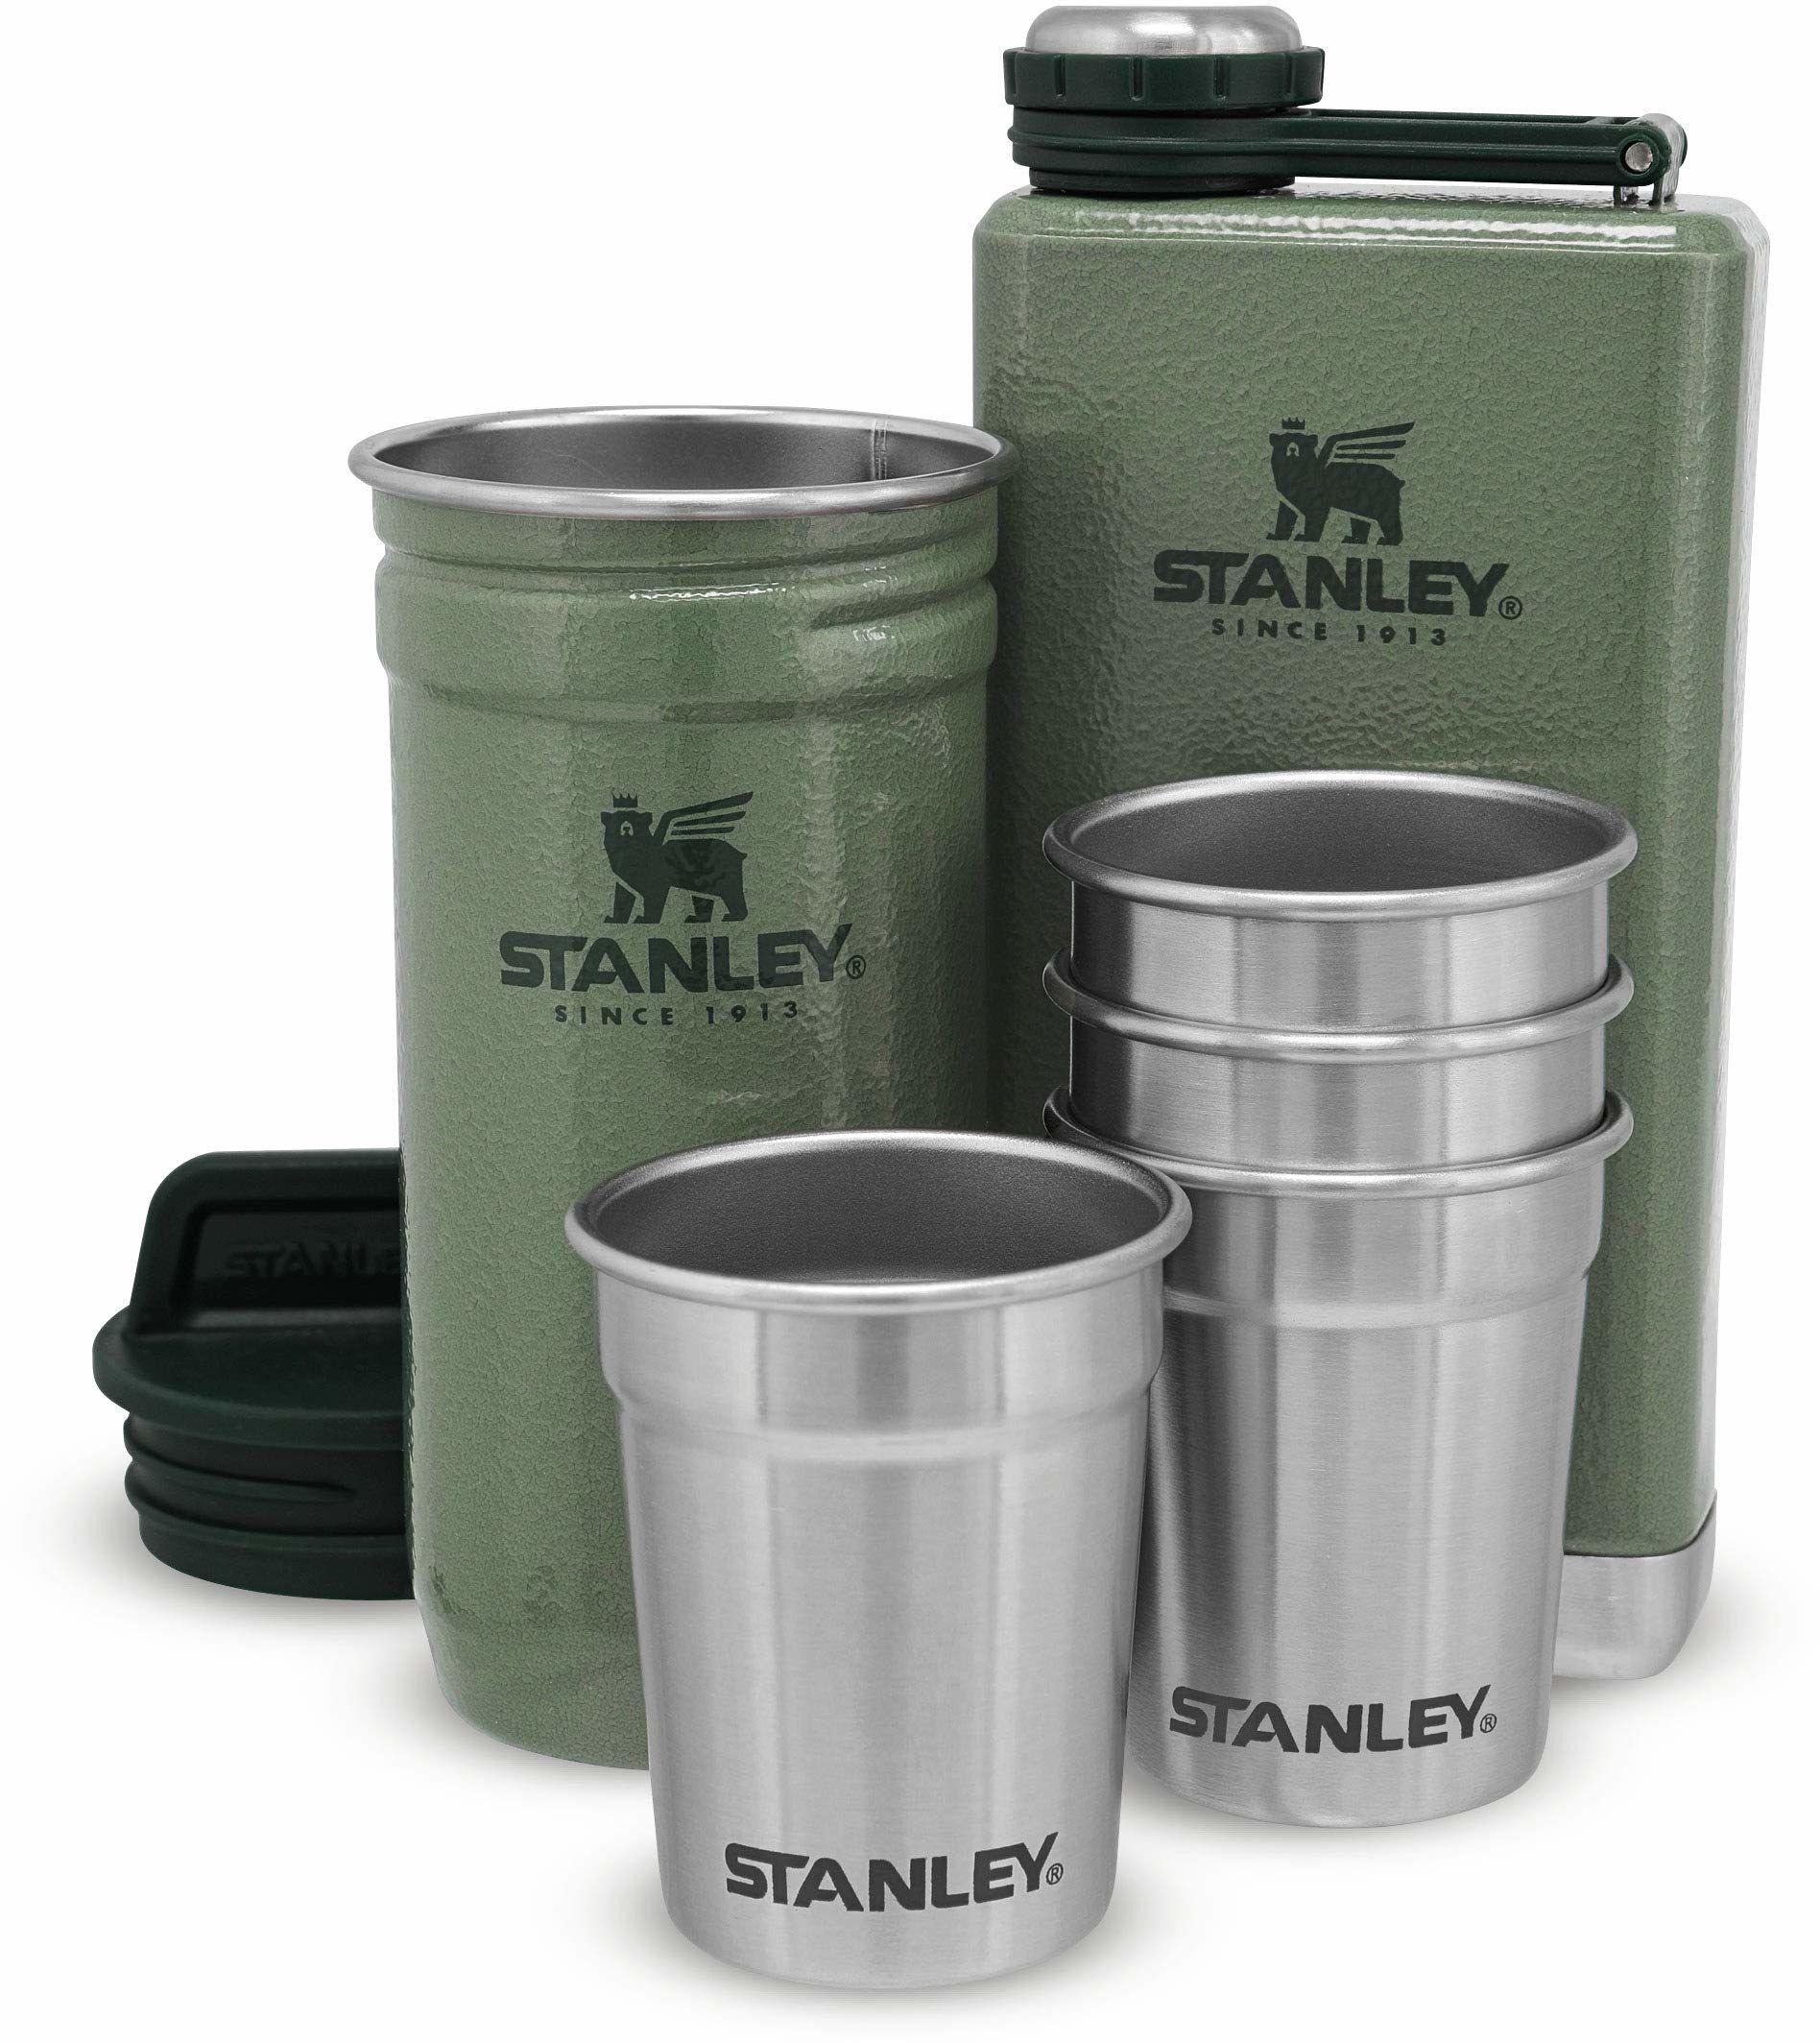 Stanley Adventure Pre-Party Shot Glass + Flask Set Hammertone Green  Stal nierdzewna bez BPA - Piersiówka ze Stali Nierdzewnej - Zestaw podarunkowy - Do Mycia w Zmywarce - Dożywotnia gwarancja